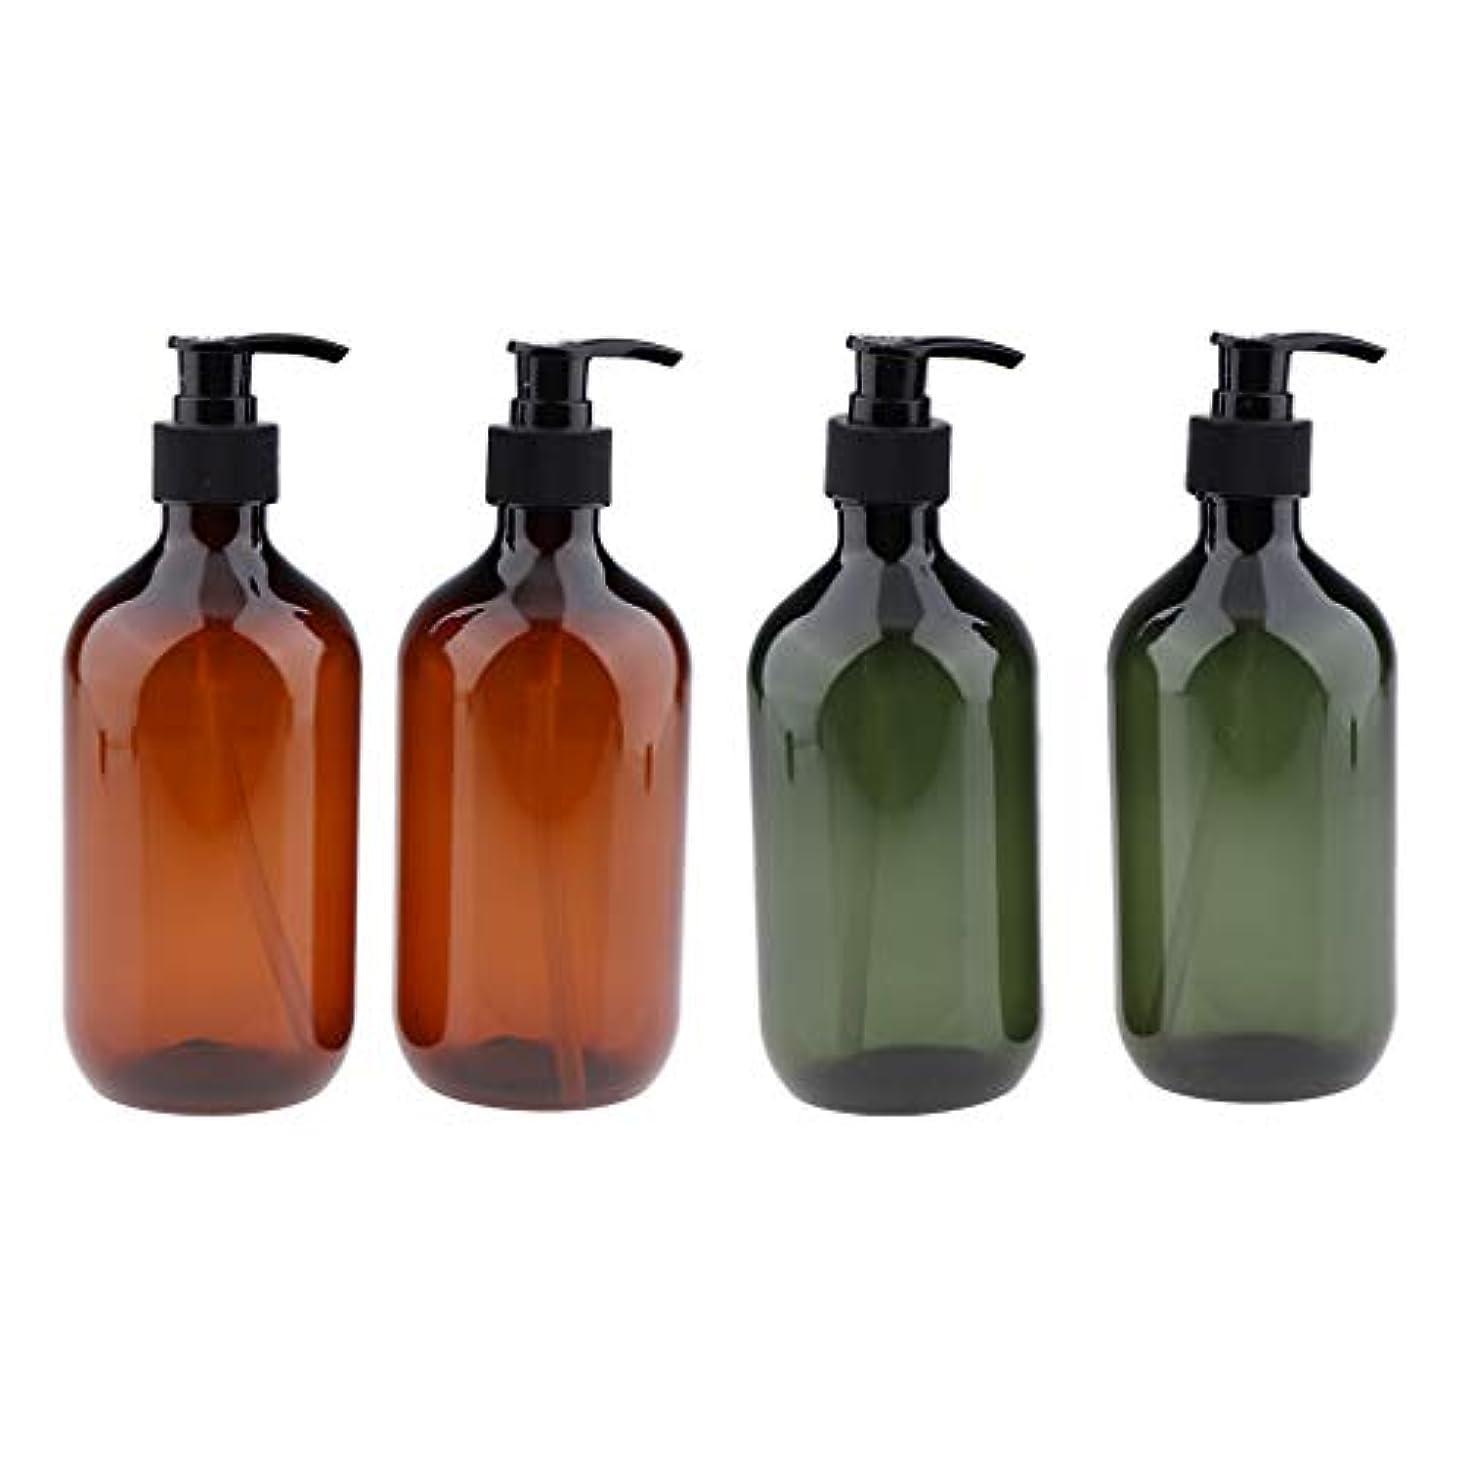 五十画面分シャンプーボトル ポンプボトル 大容量 500ml 漏れ防止 空のペットボトル サロ 4本